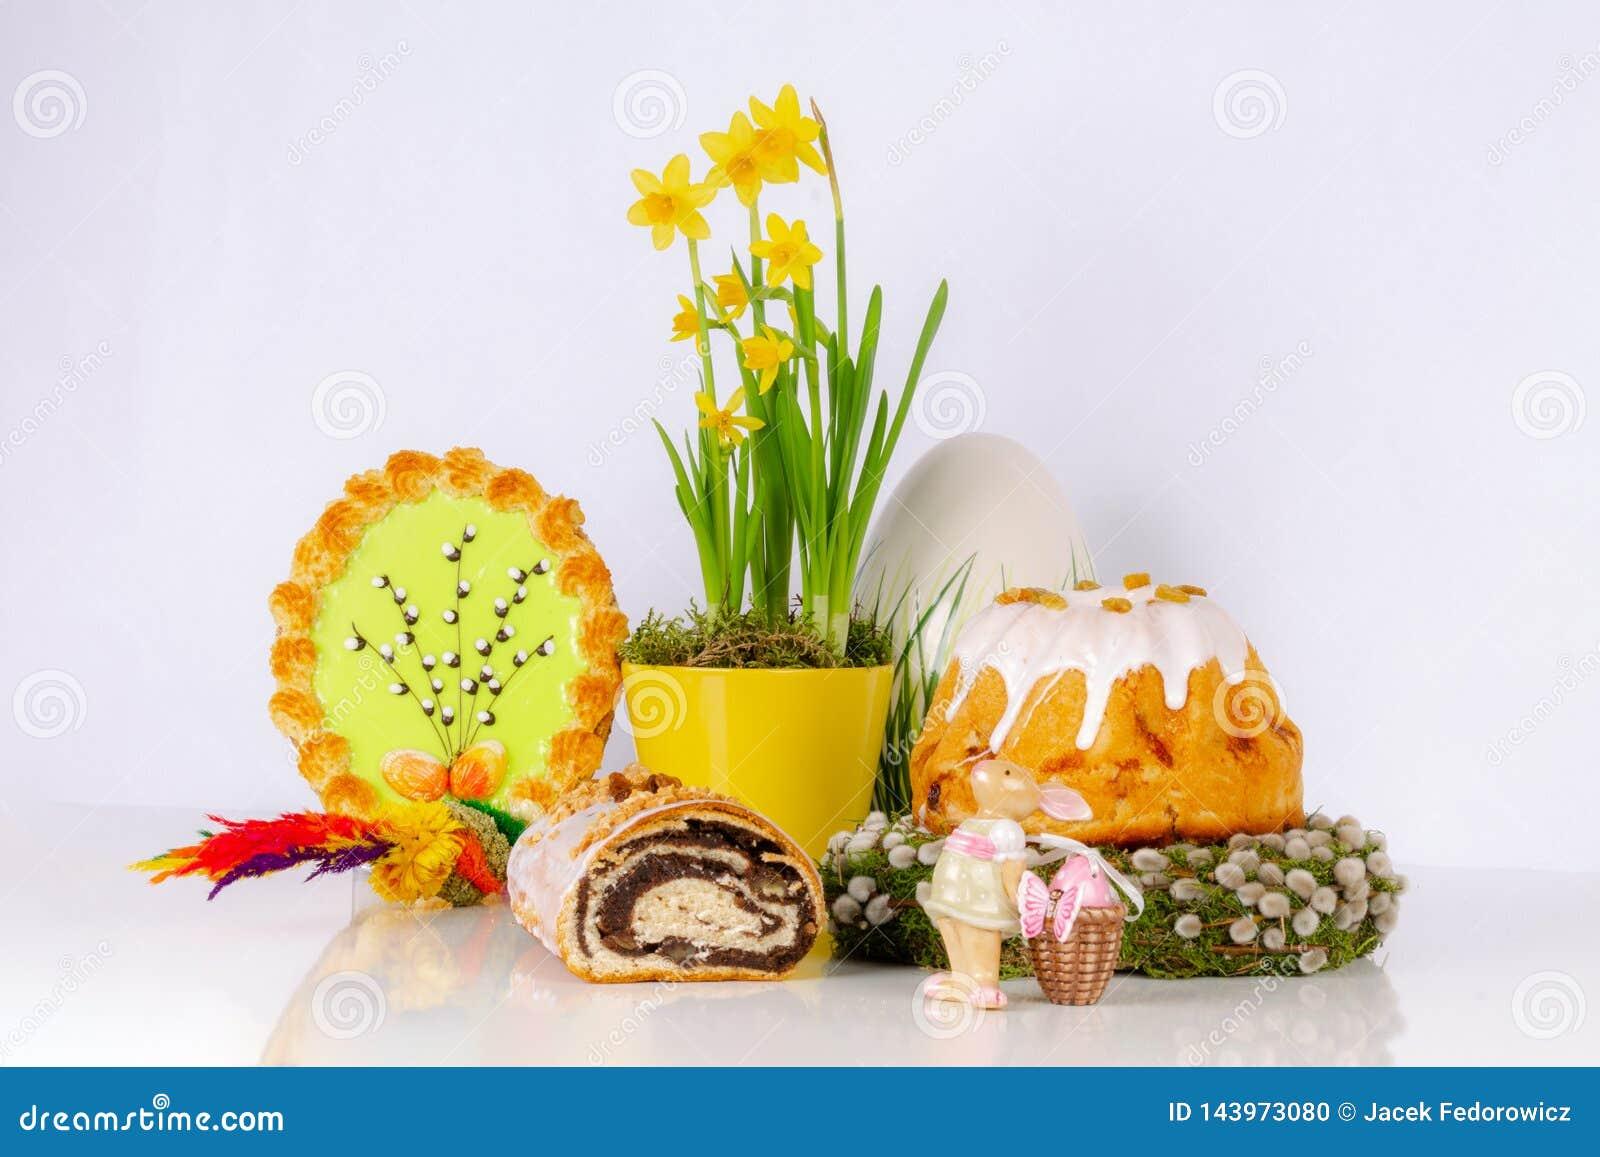 Ostern-Zusammensetzung mit Hefekuchen